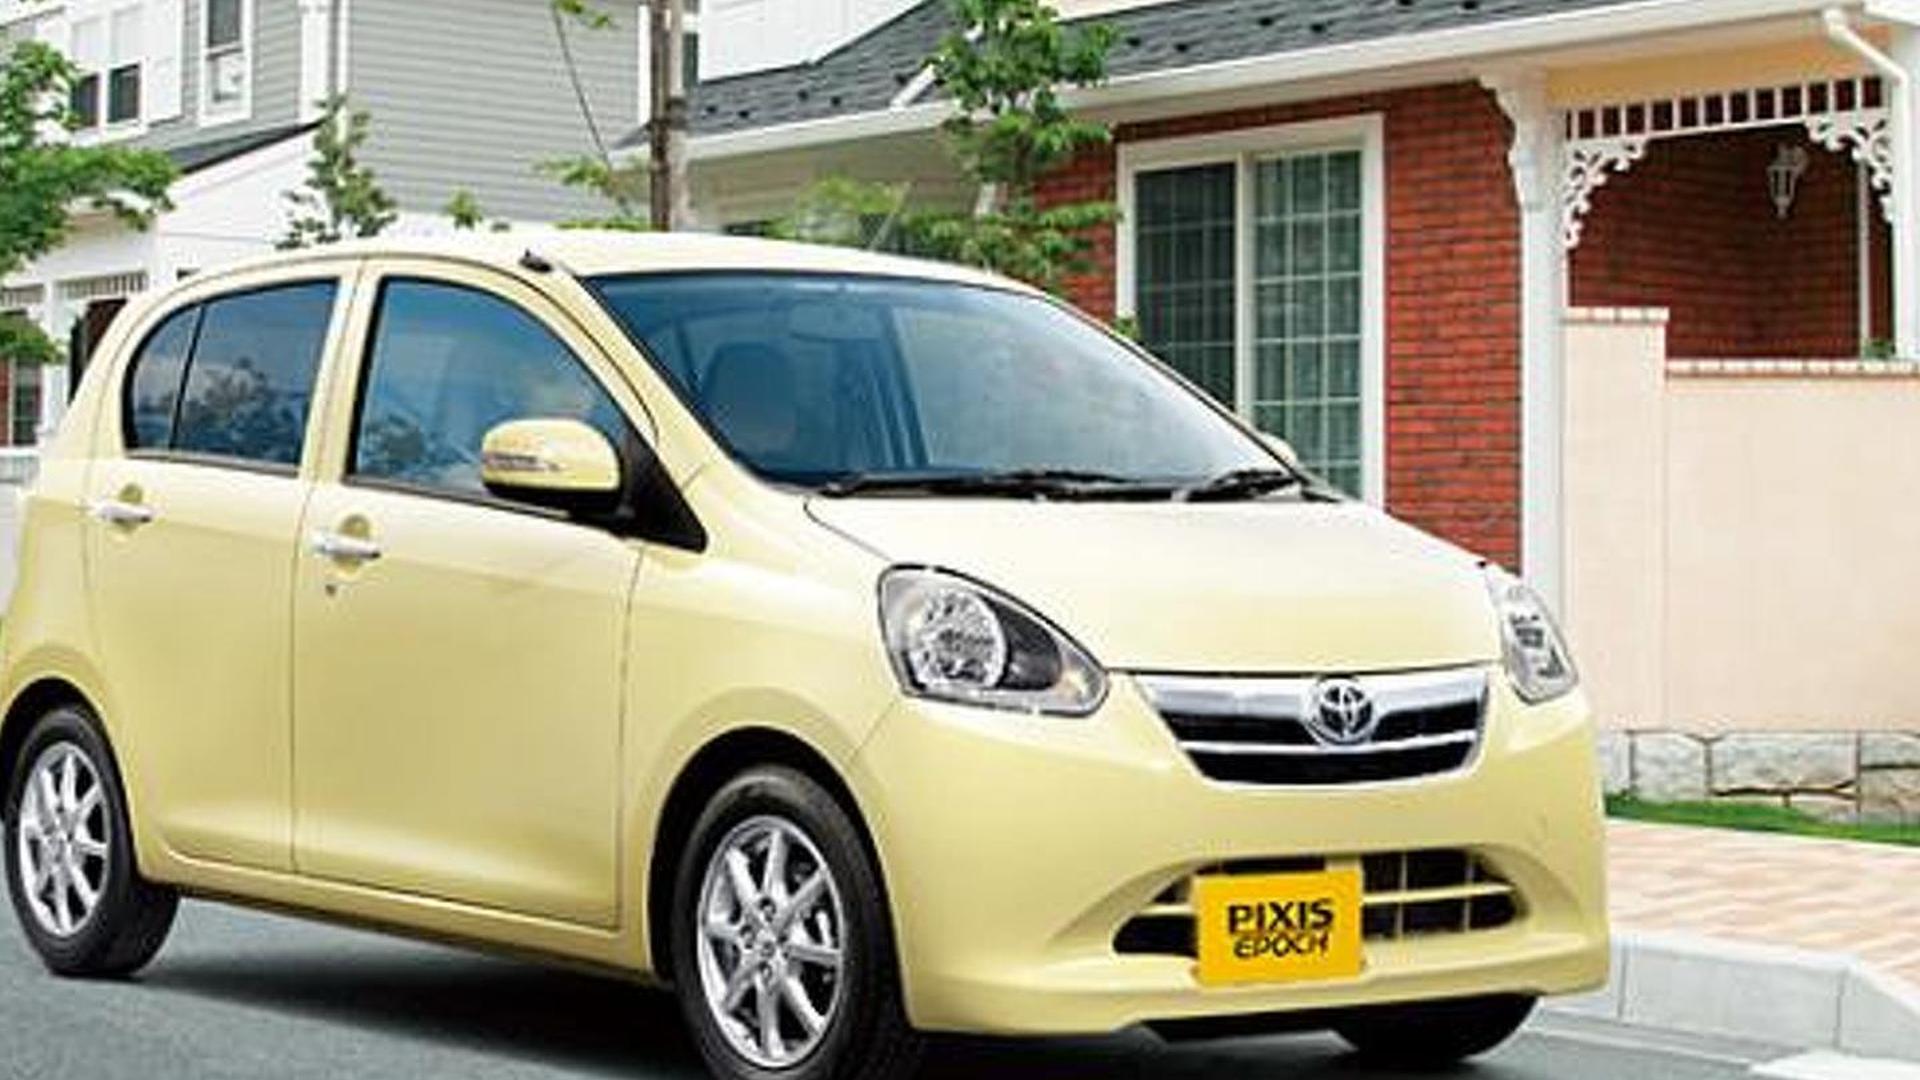 Toyota Pixis Epoch revealed (JDM)